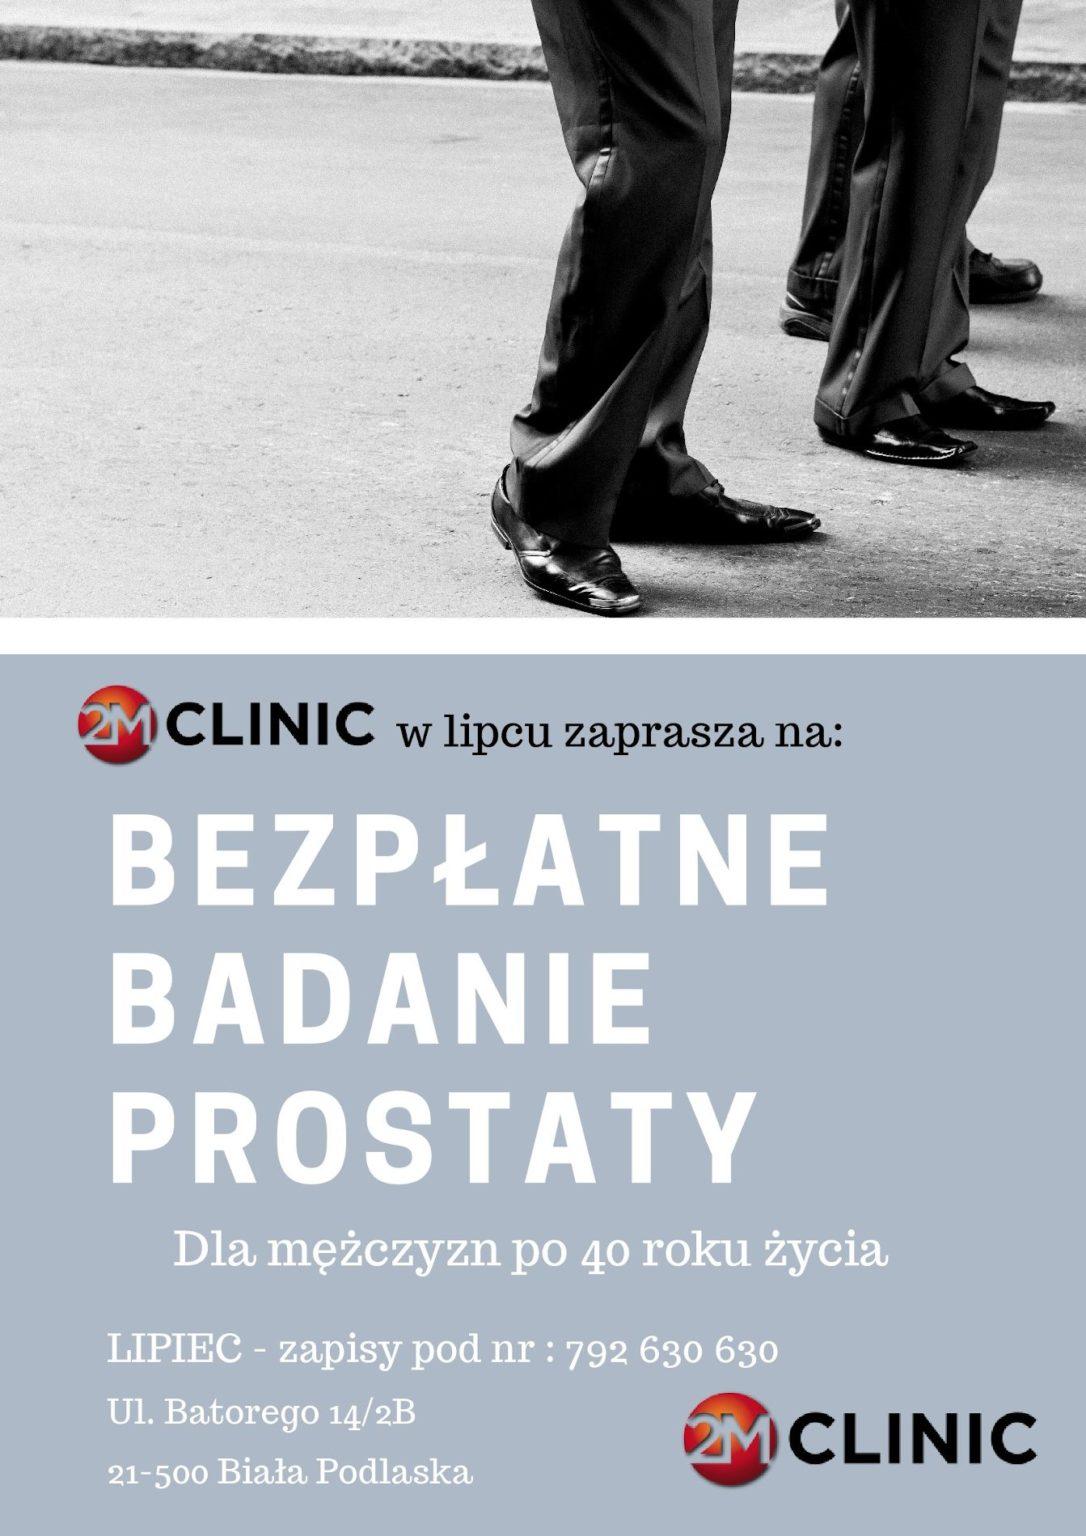 Bezpłatne badanie prostaty